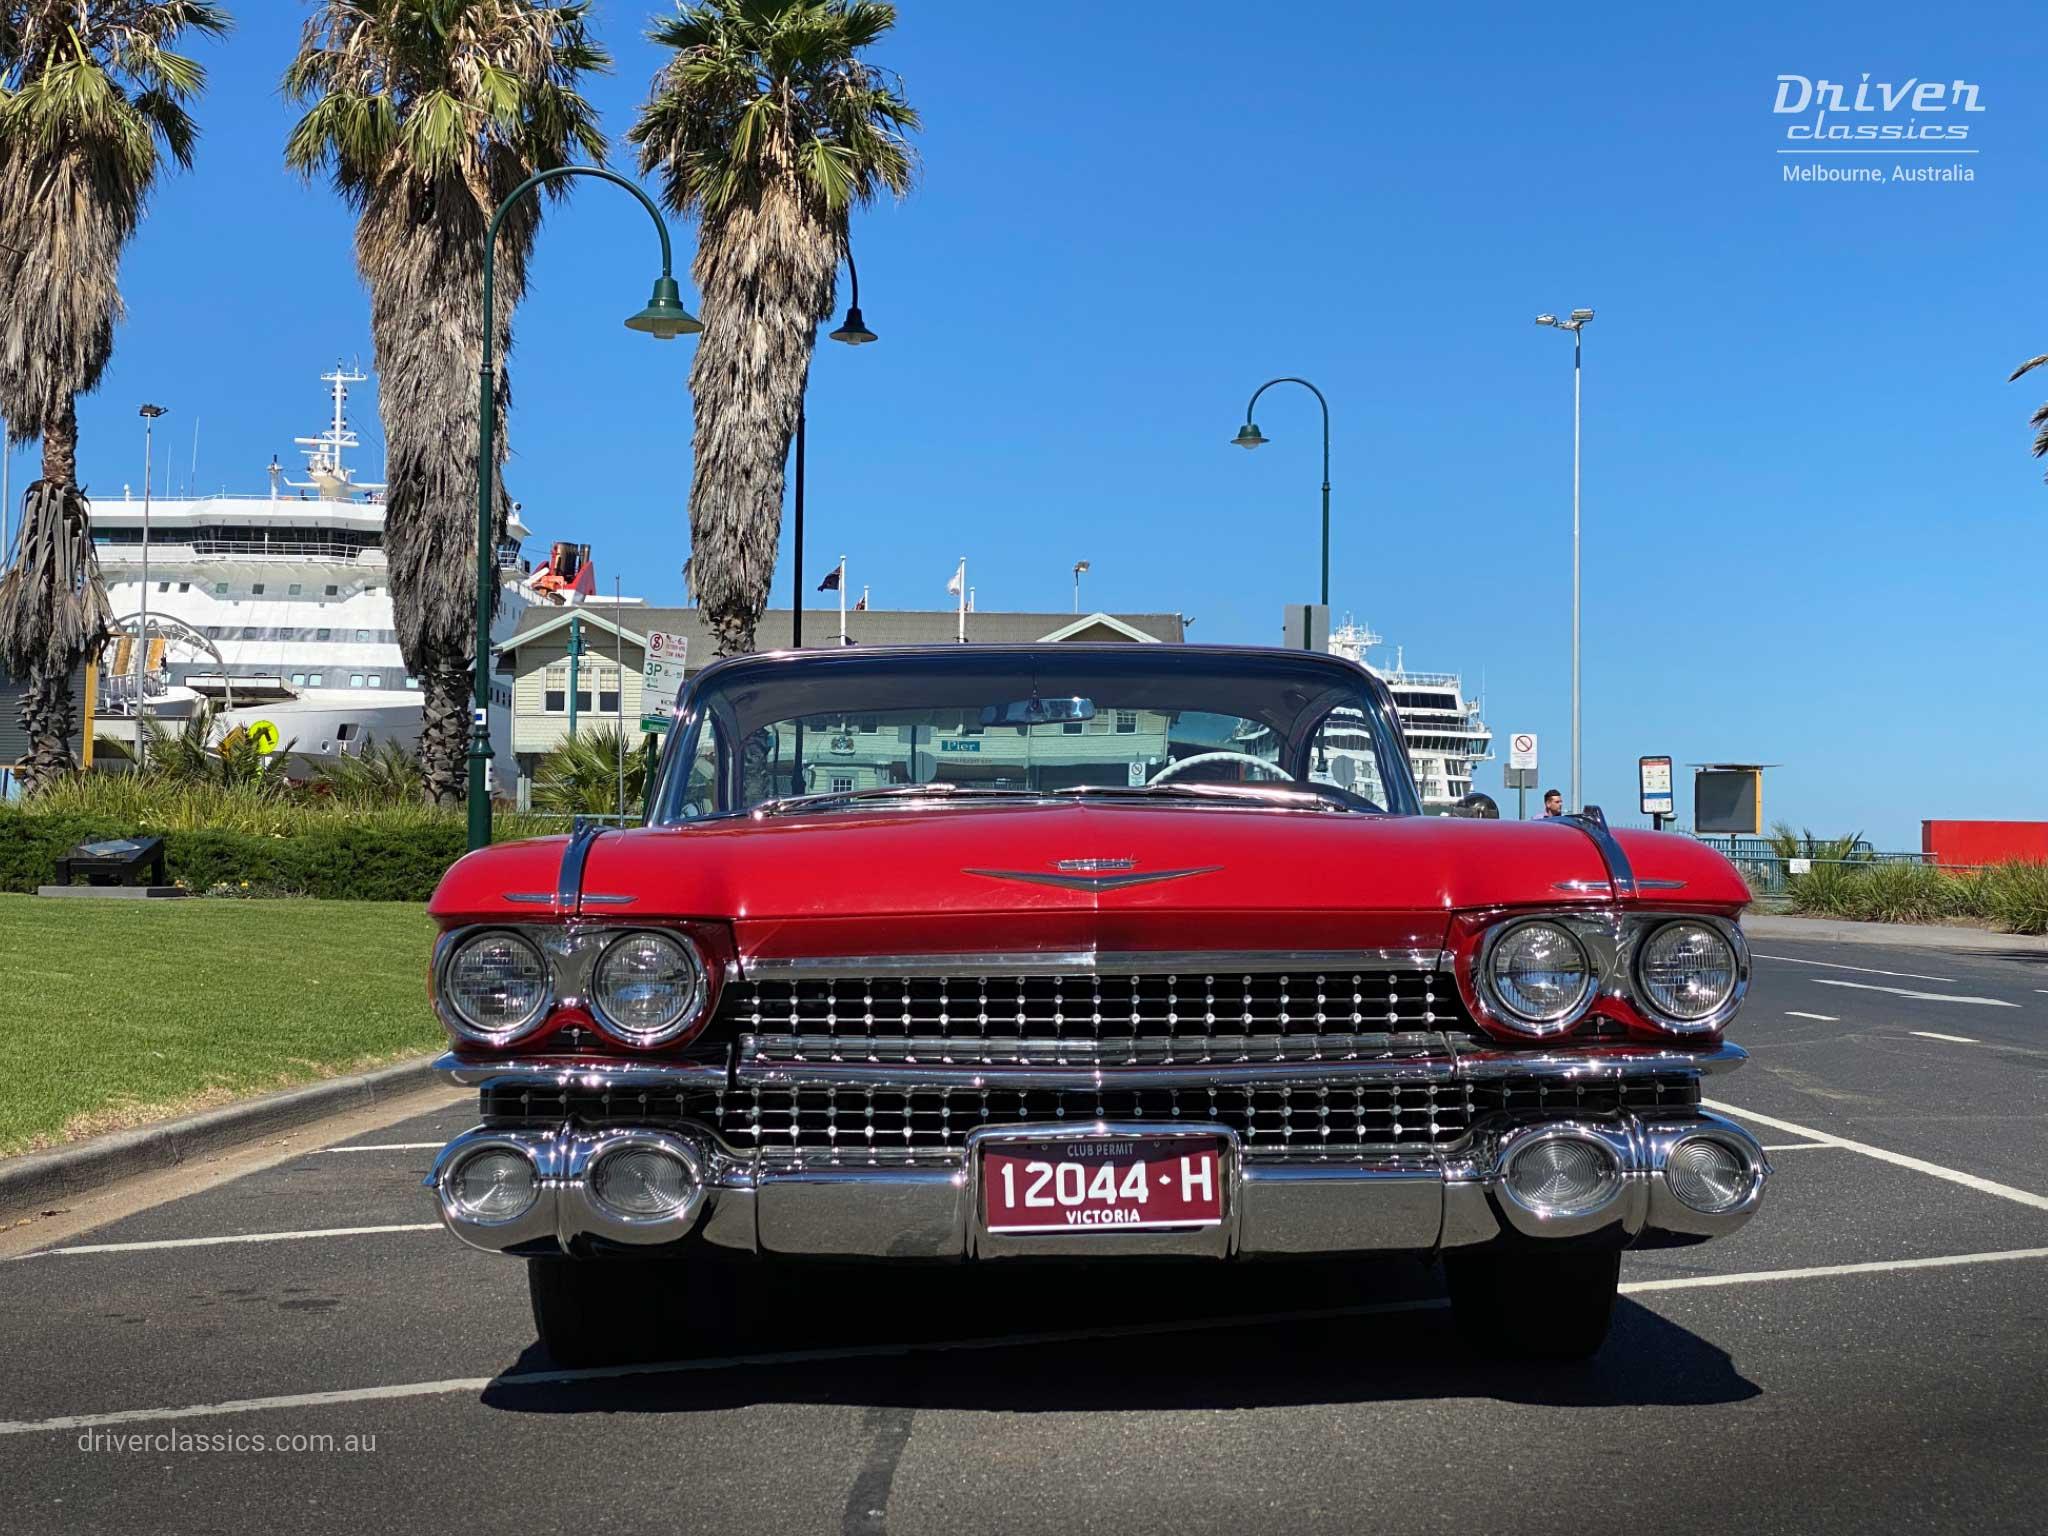 Cadillac Coupe de Ville (1959 version), front, Port Melbourne Pier. Photo taken Mar 2020